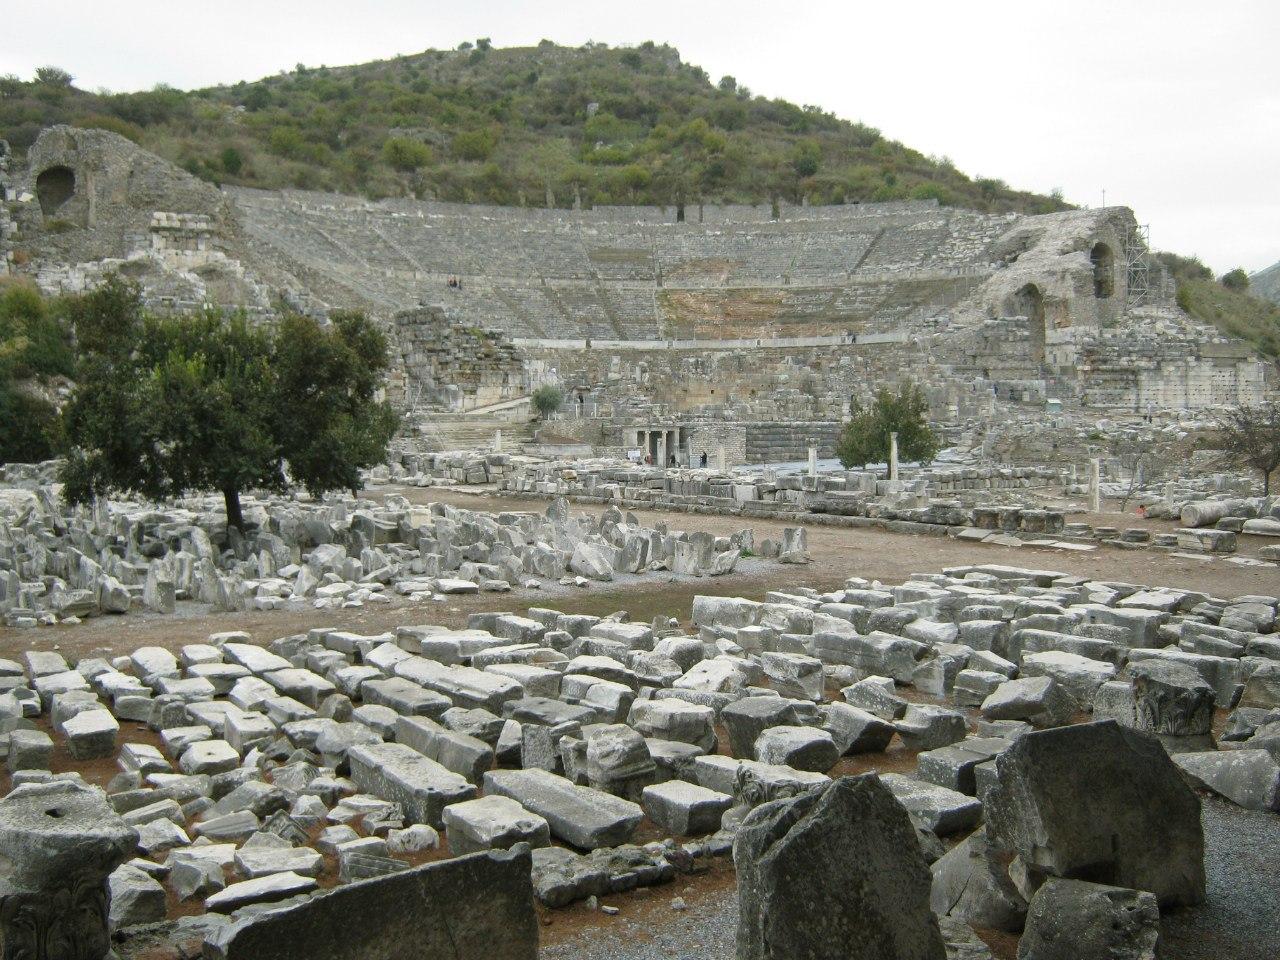 древние осколки складируются в древнеримском городе